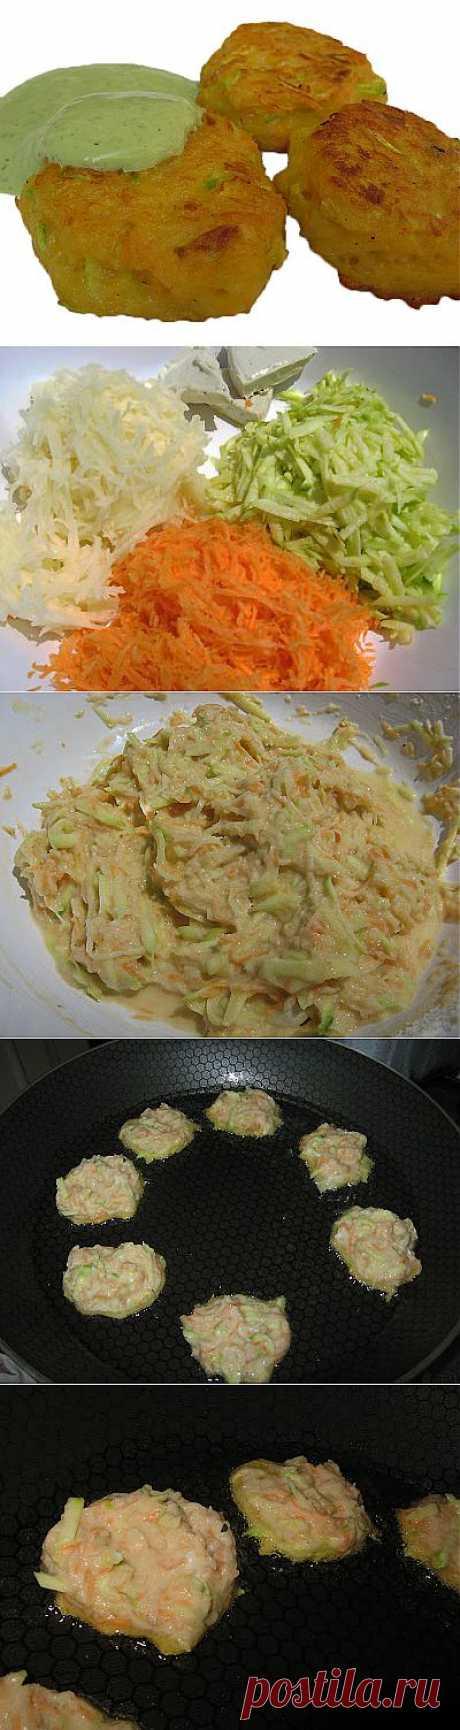 Овощные оладьи с соусом .